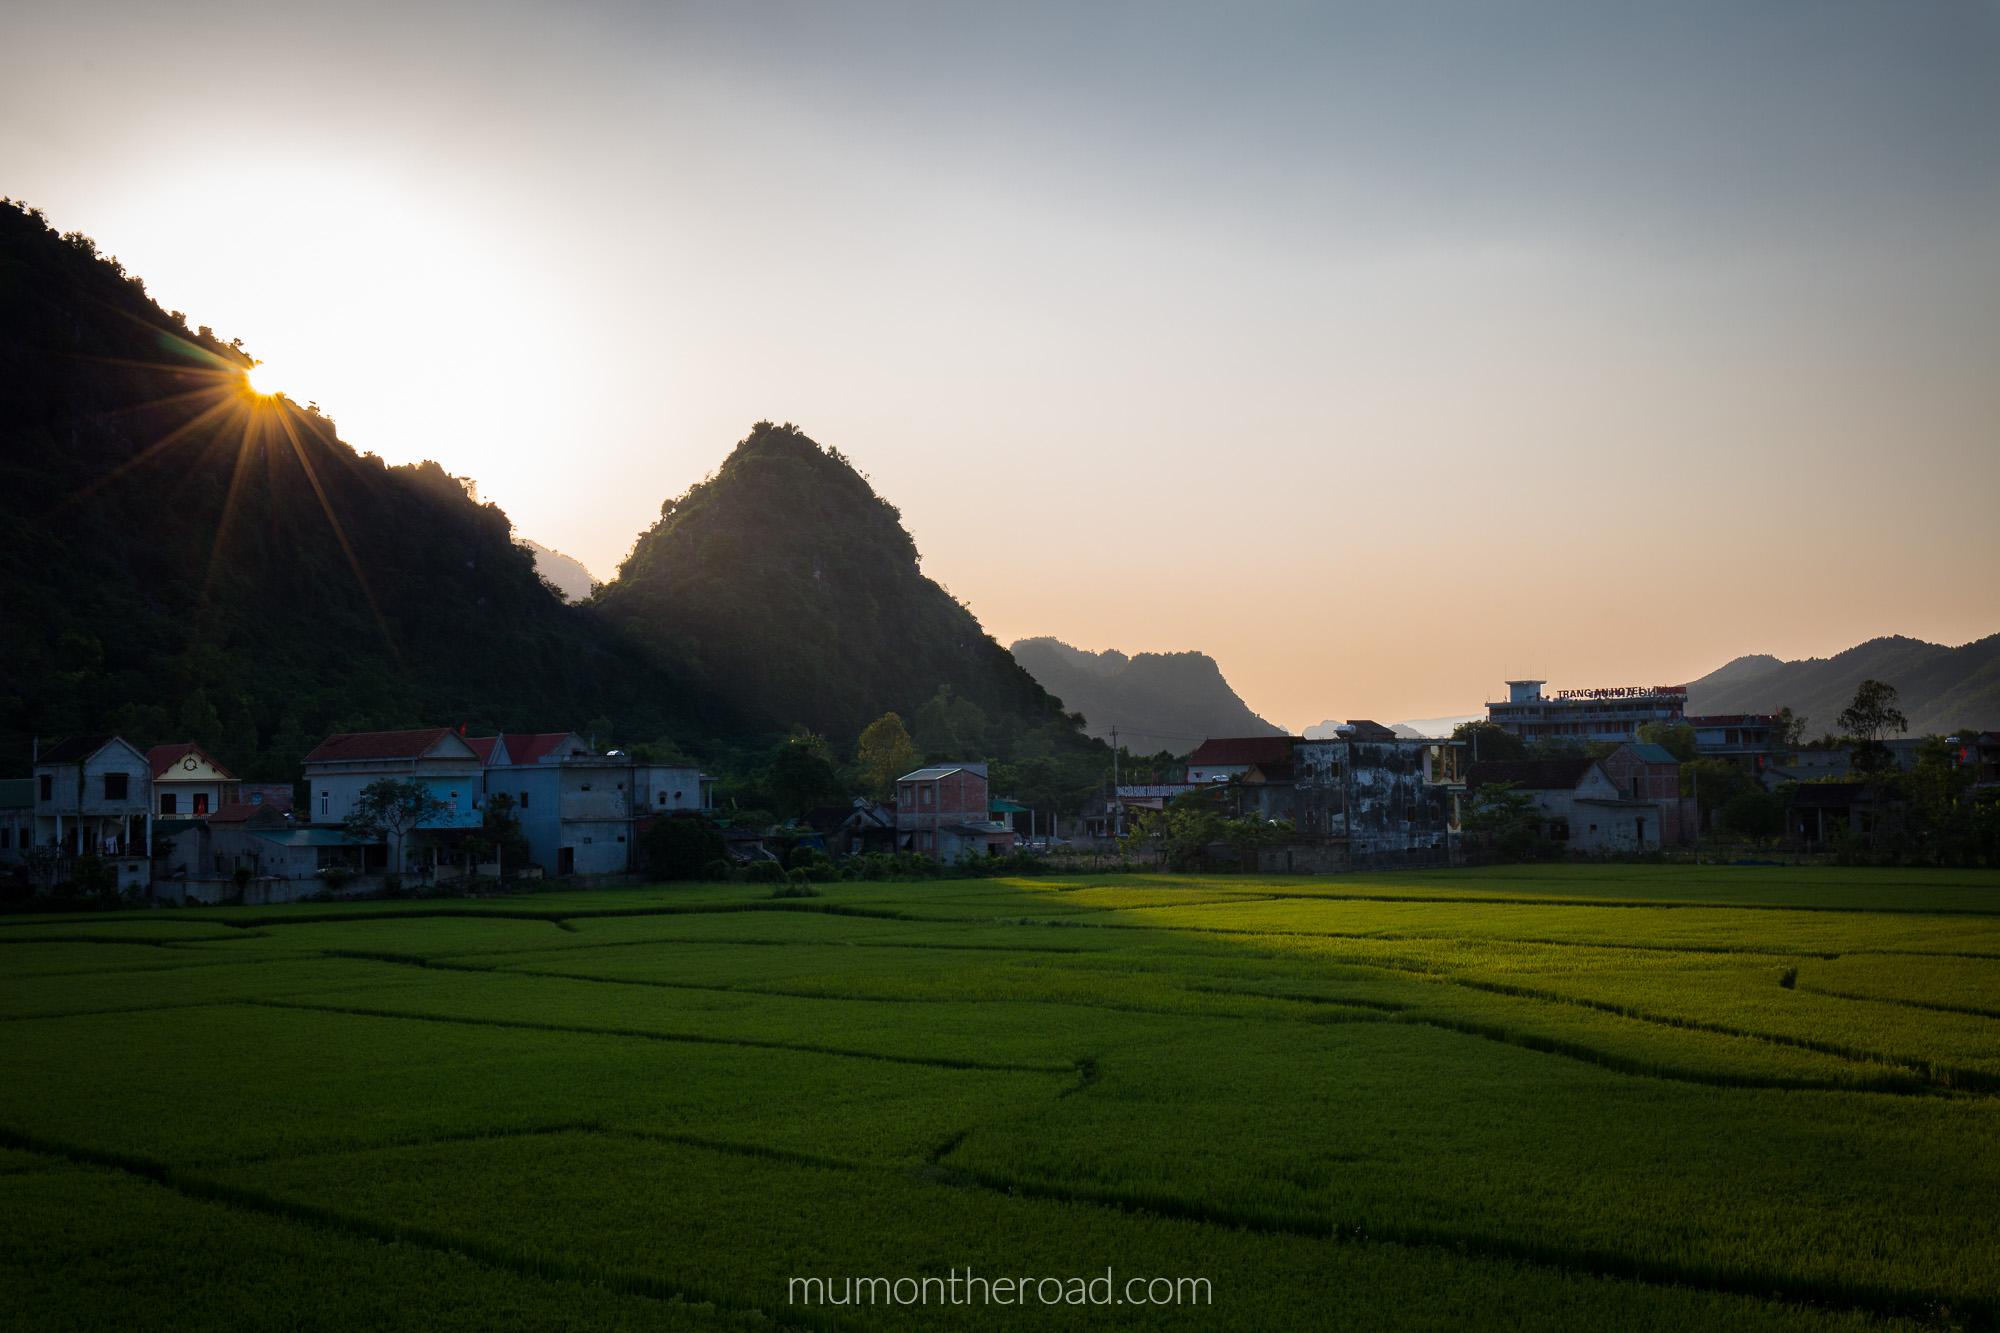 Coucher de soleil sur les rizières à l'entrée du village de Phong Nha au Vietnam